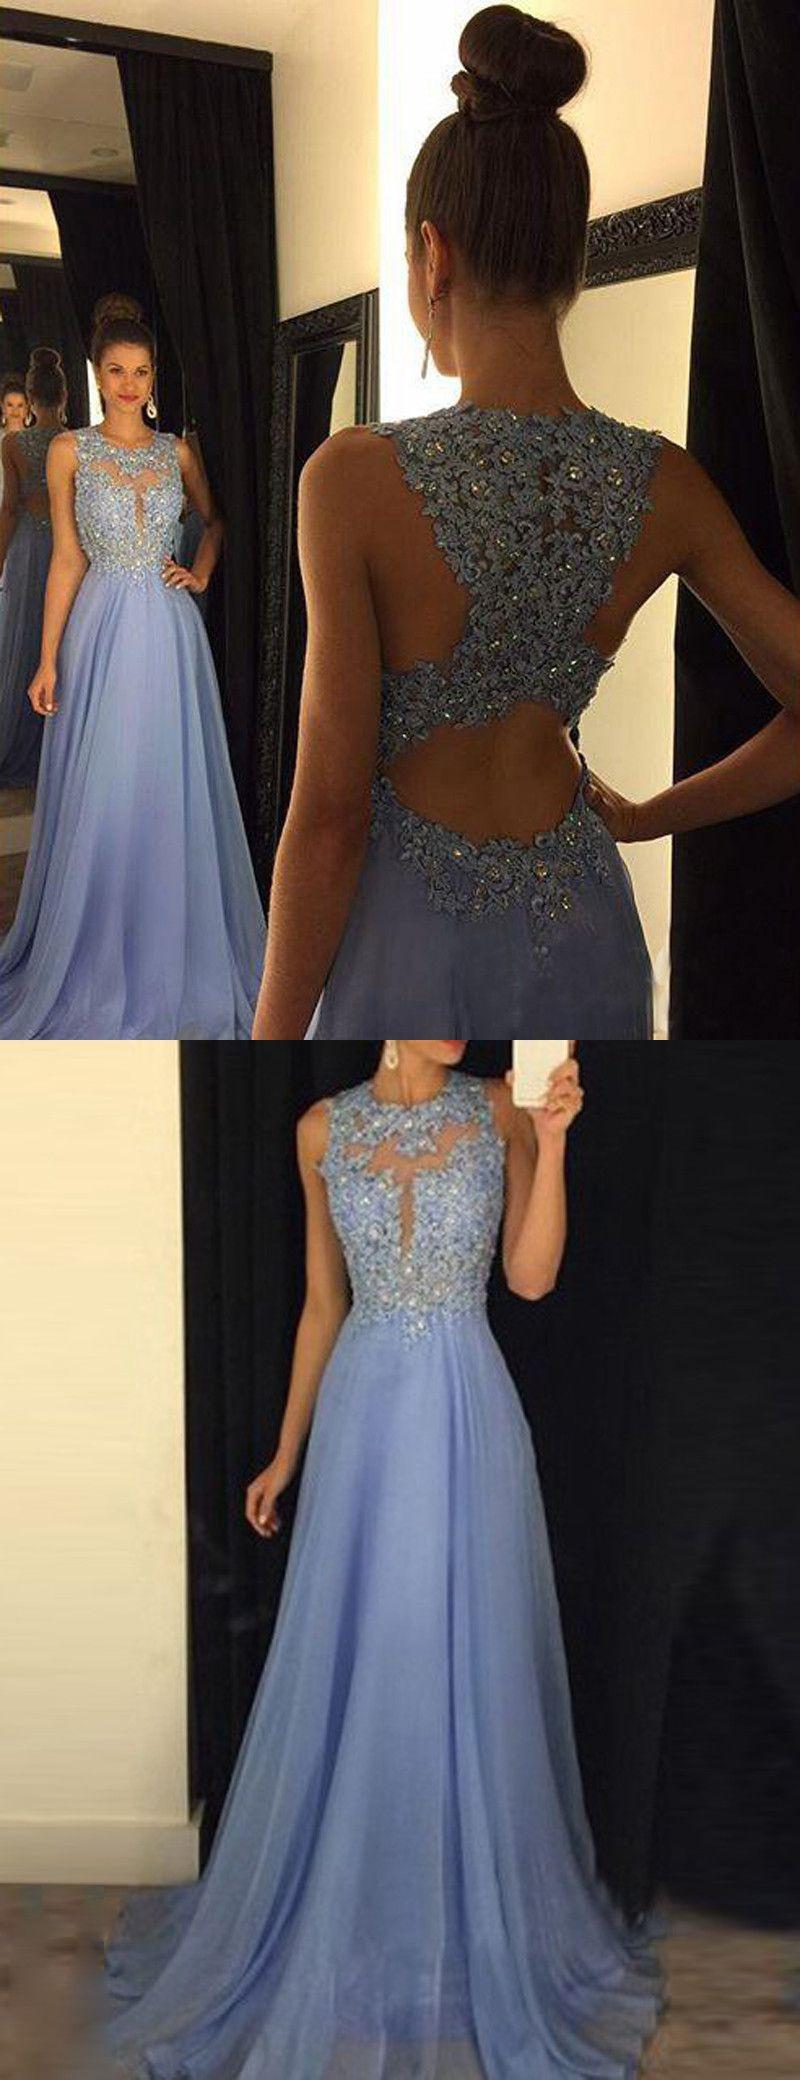 20 Spektakulär A Linie Abendkleid Boutique13 Luxus A Linie Abendkleid Ärmel